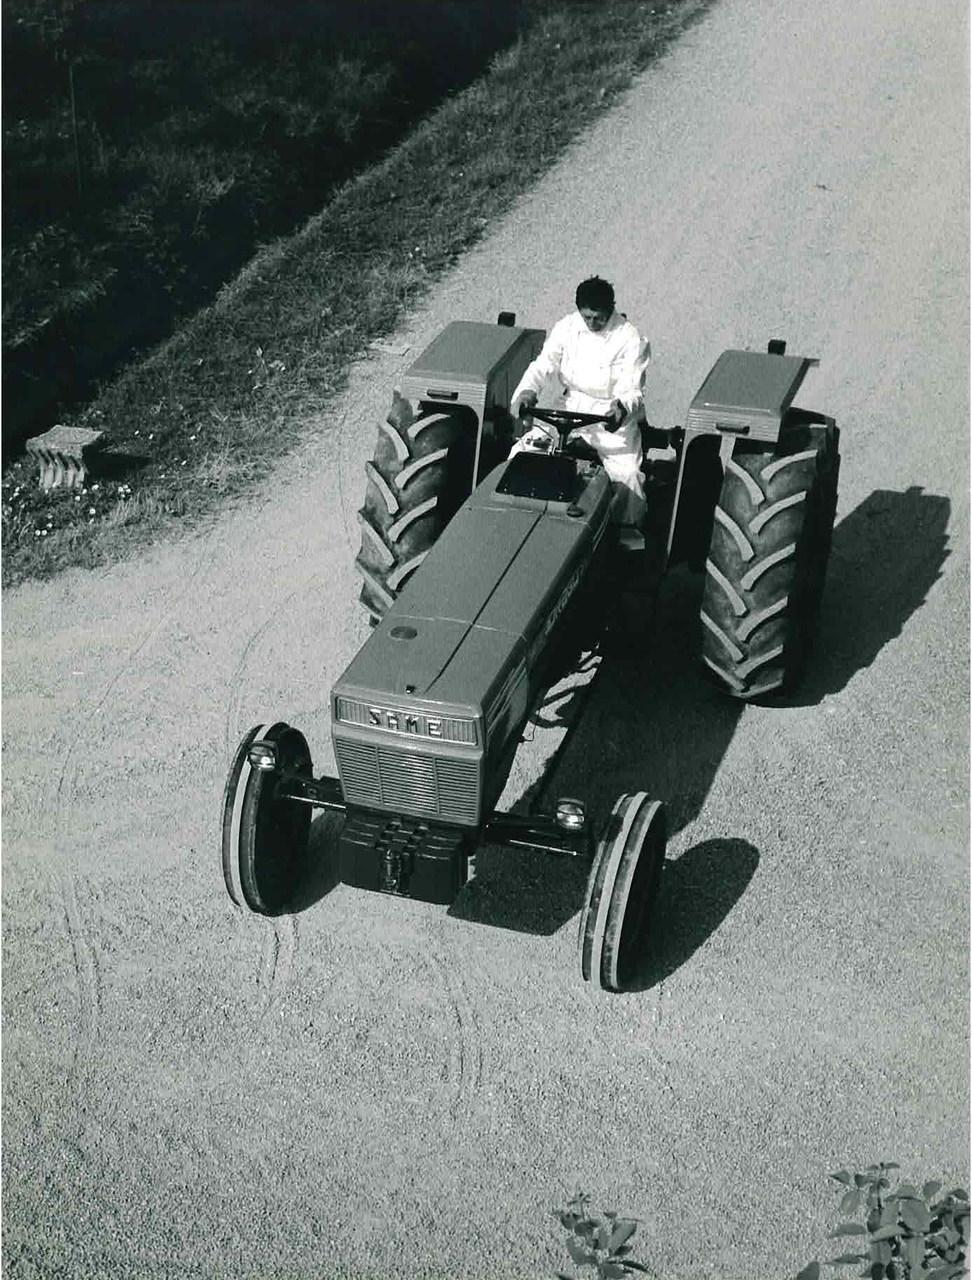 Trattore modello DRAGO 90, prototipo